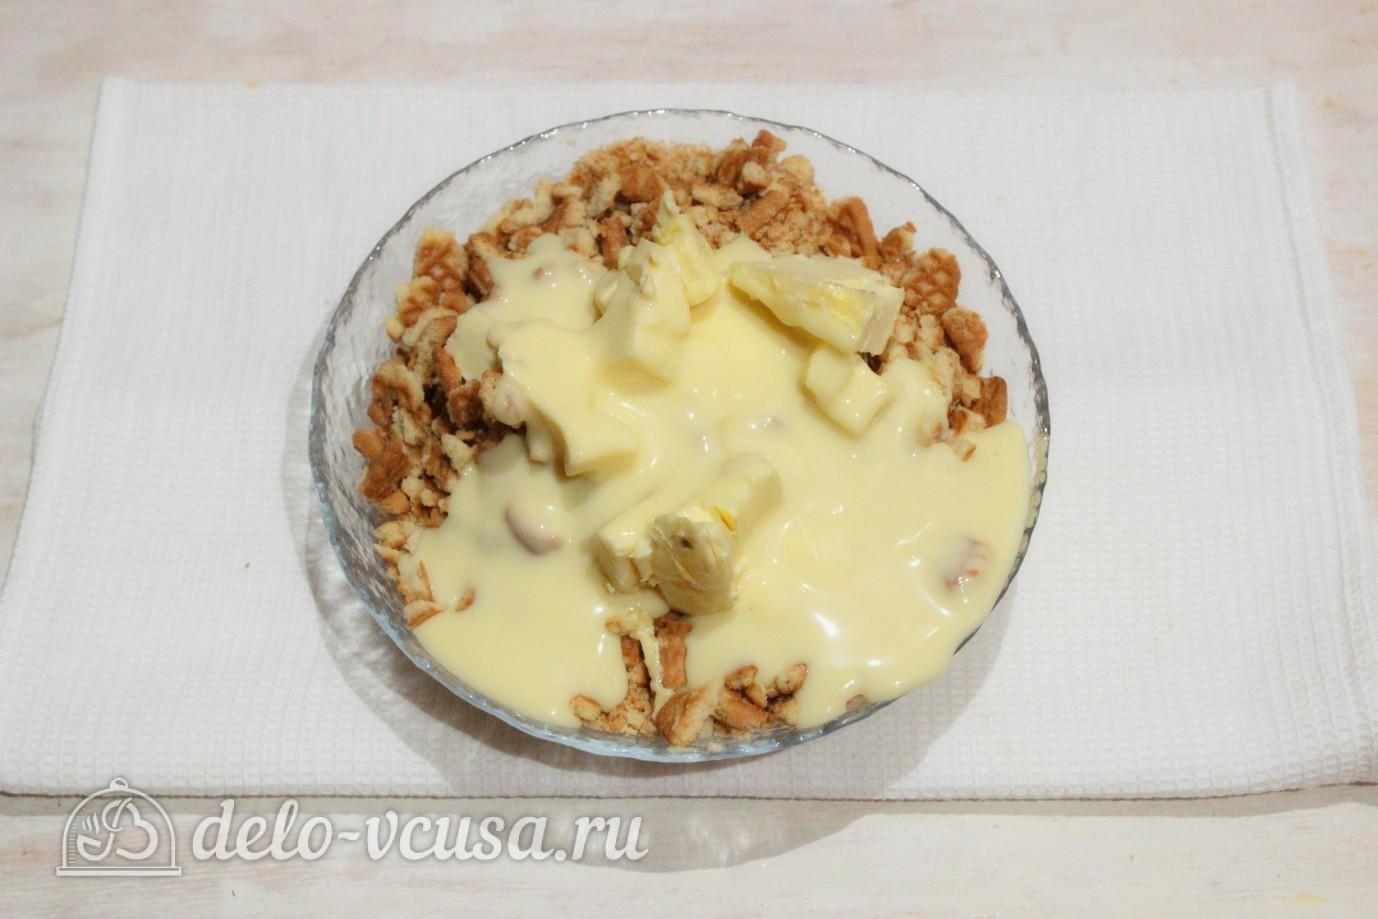 Рецепт солдатского торта из печенья